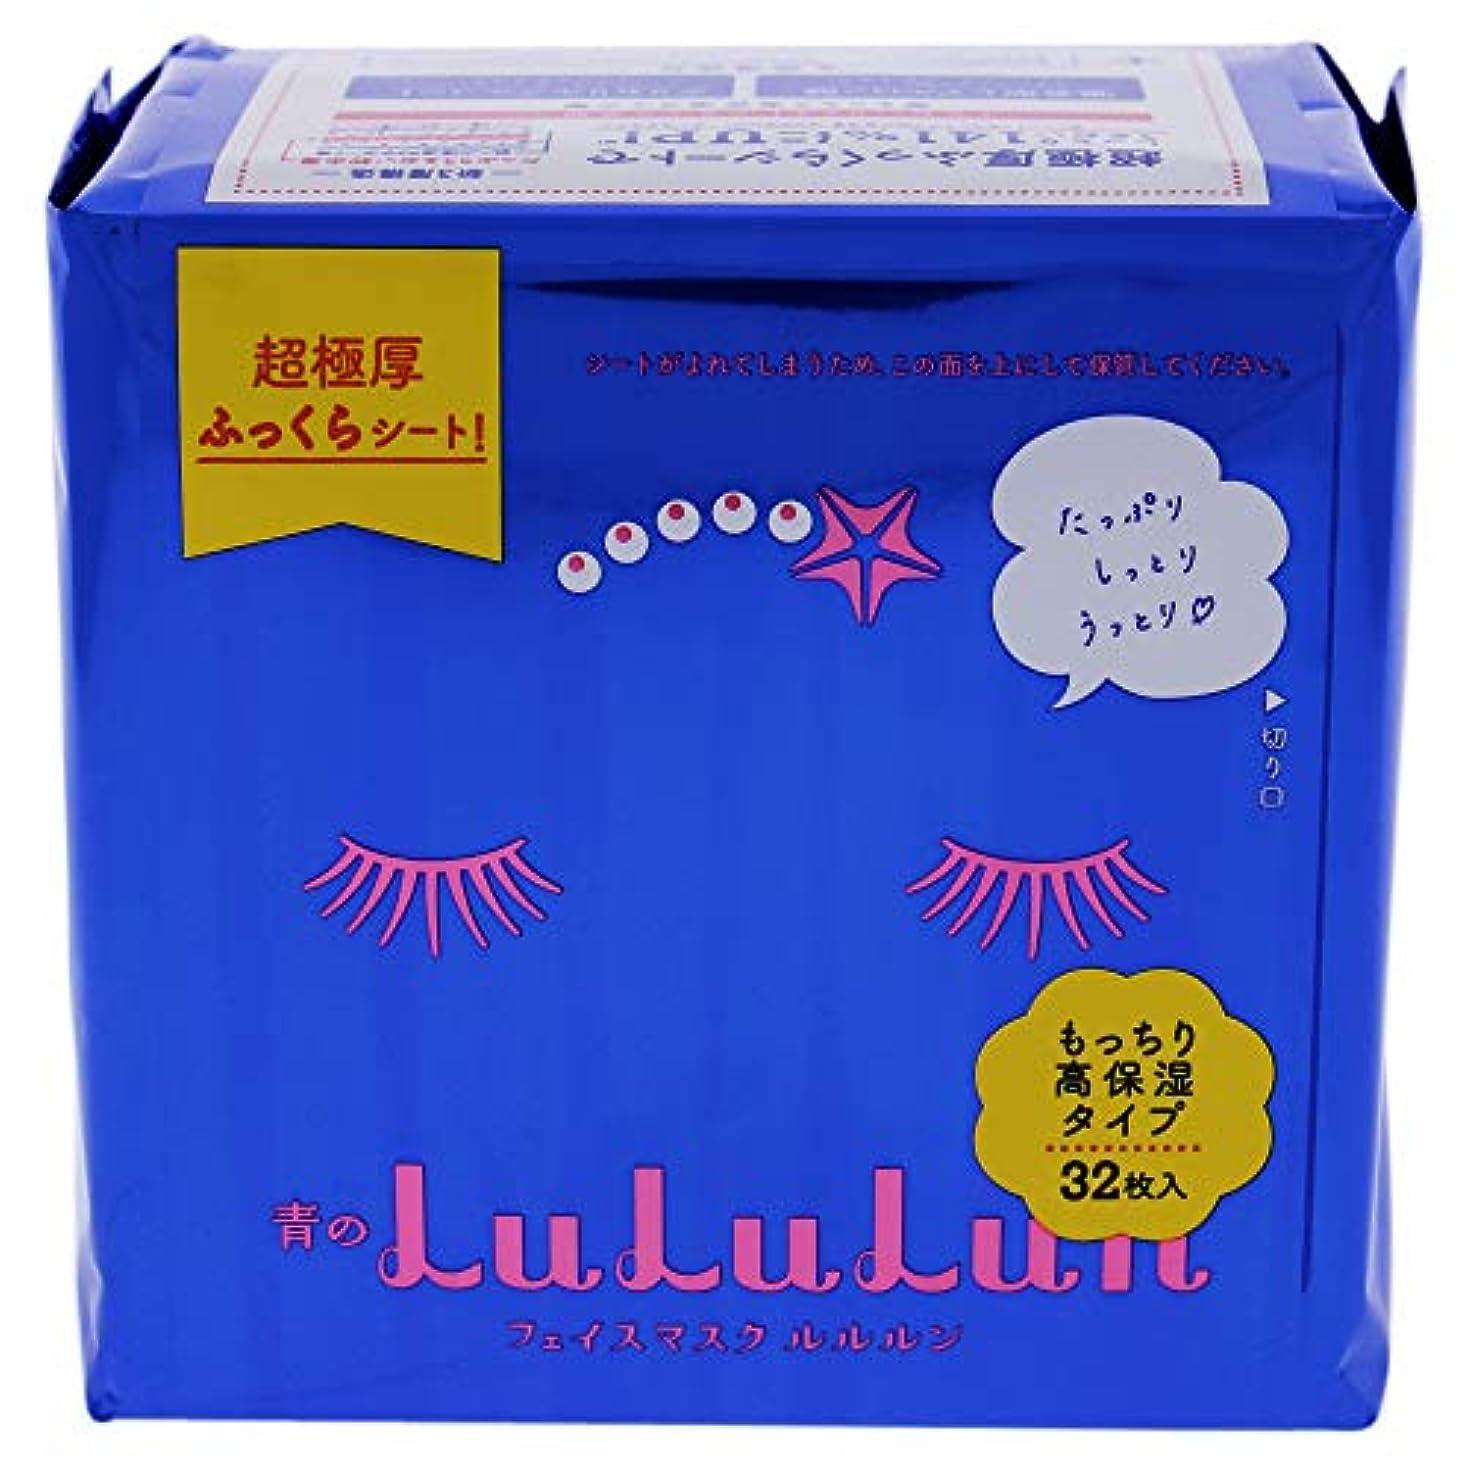 苦味マーカーバインドLULULUN(ルルルン) NEW フェイスマスク 青のルルルン (もっちり高保湿タイプ) 単品 32枚入り